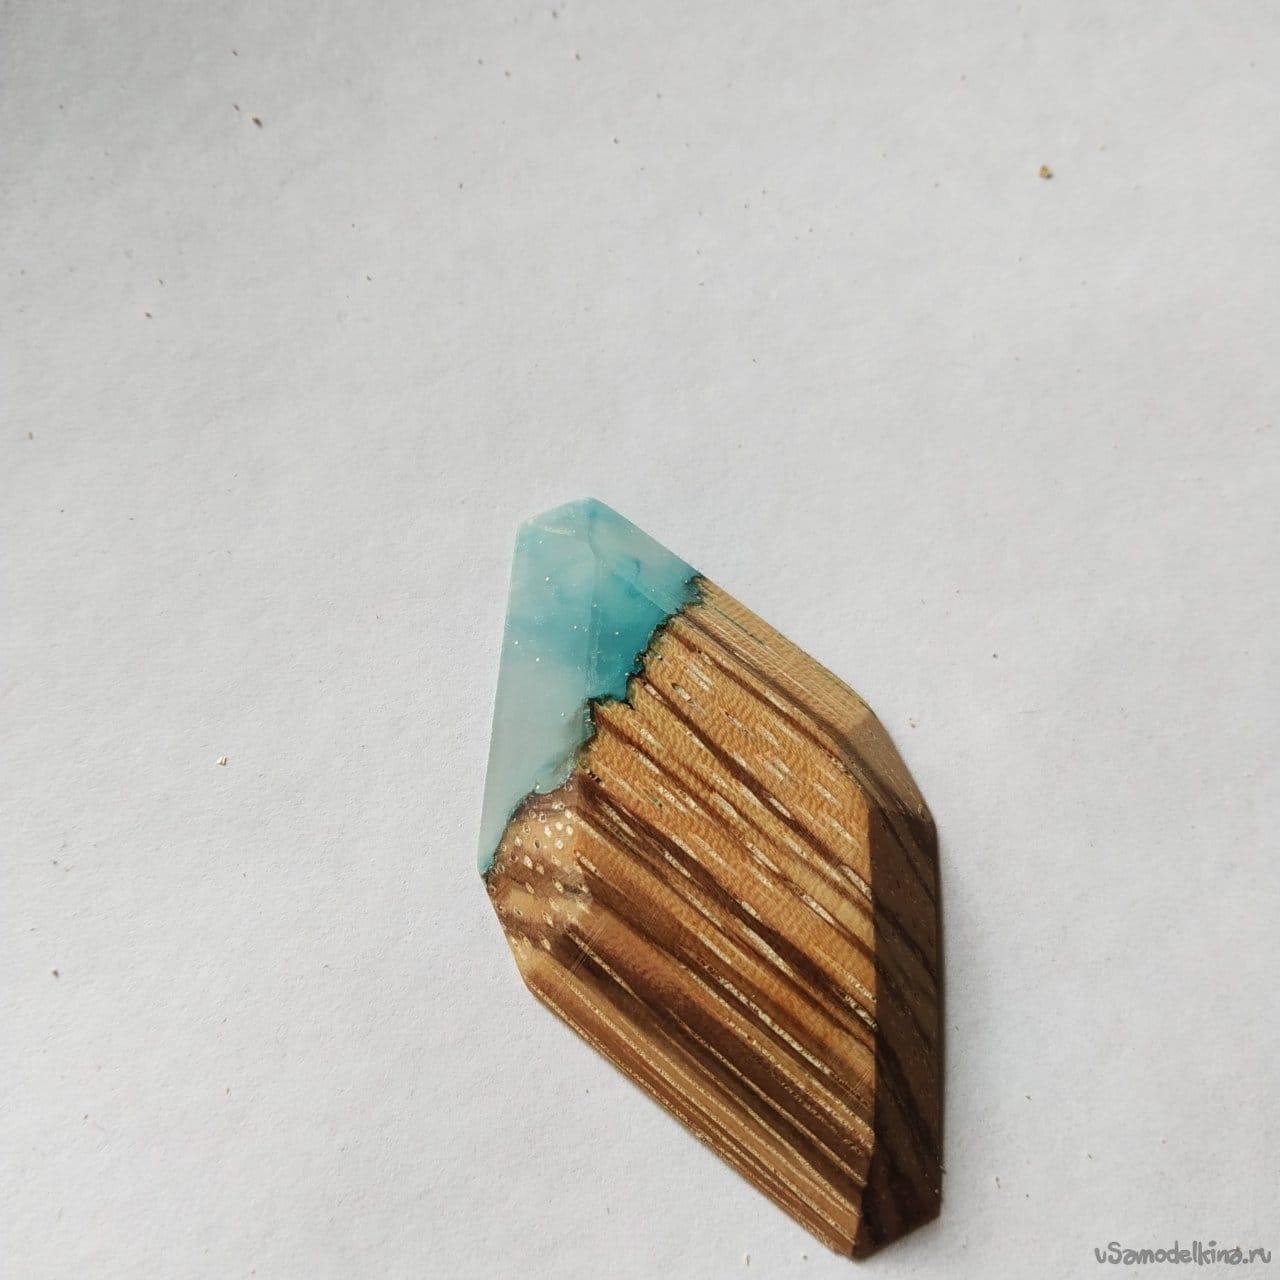 Zebrano pendant